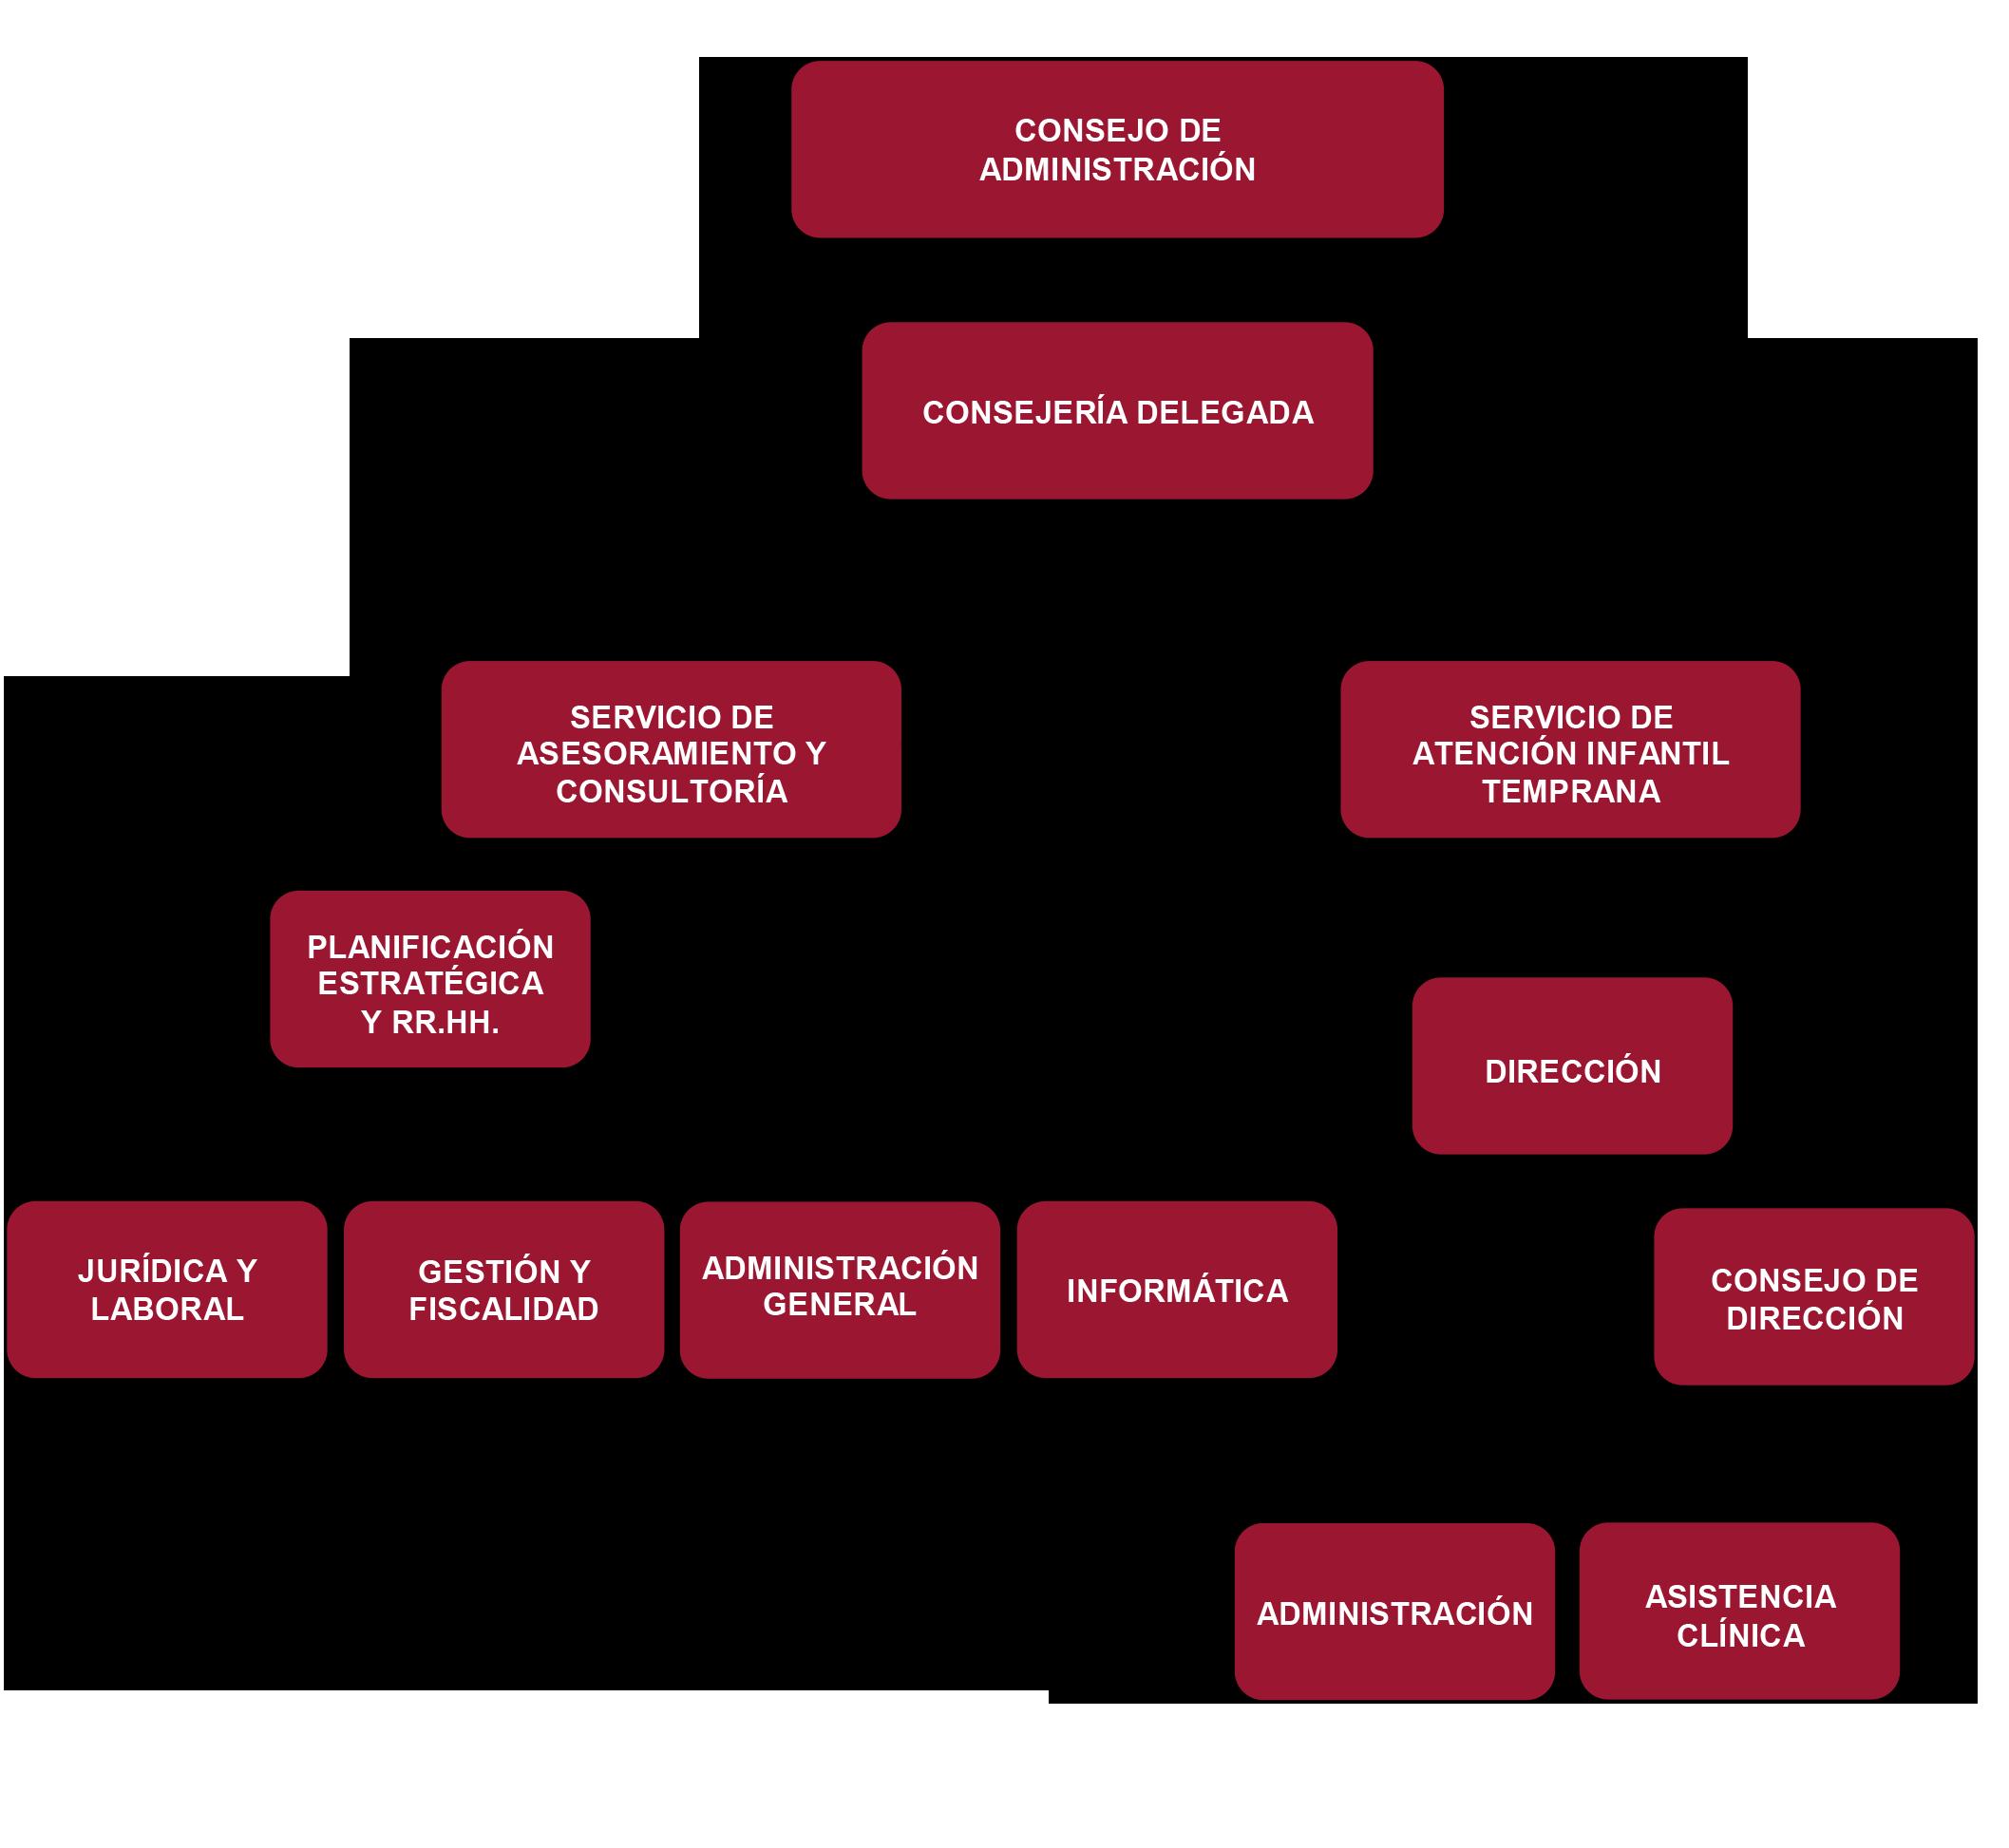 Organigrama corporaci n empresarial universidad de c rdoba - Xey corporacion empresarial ...